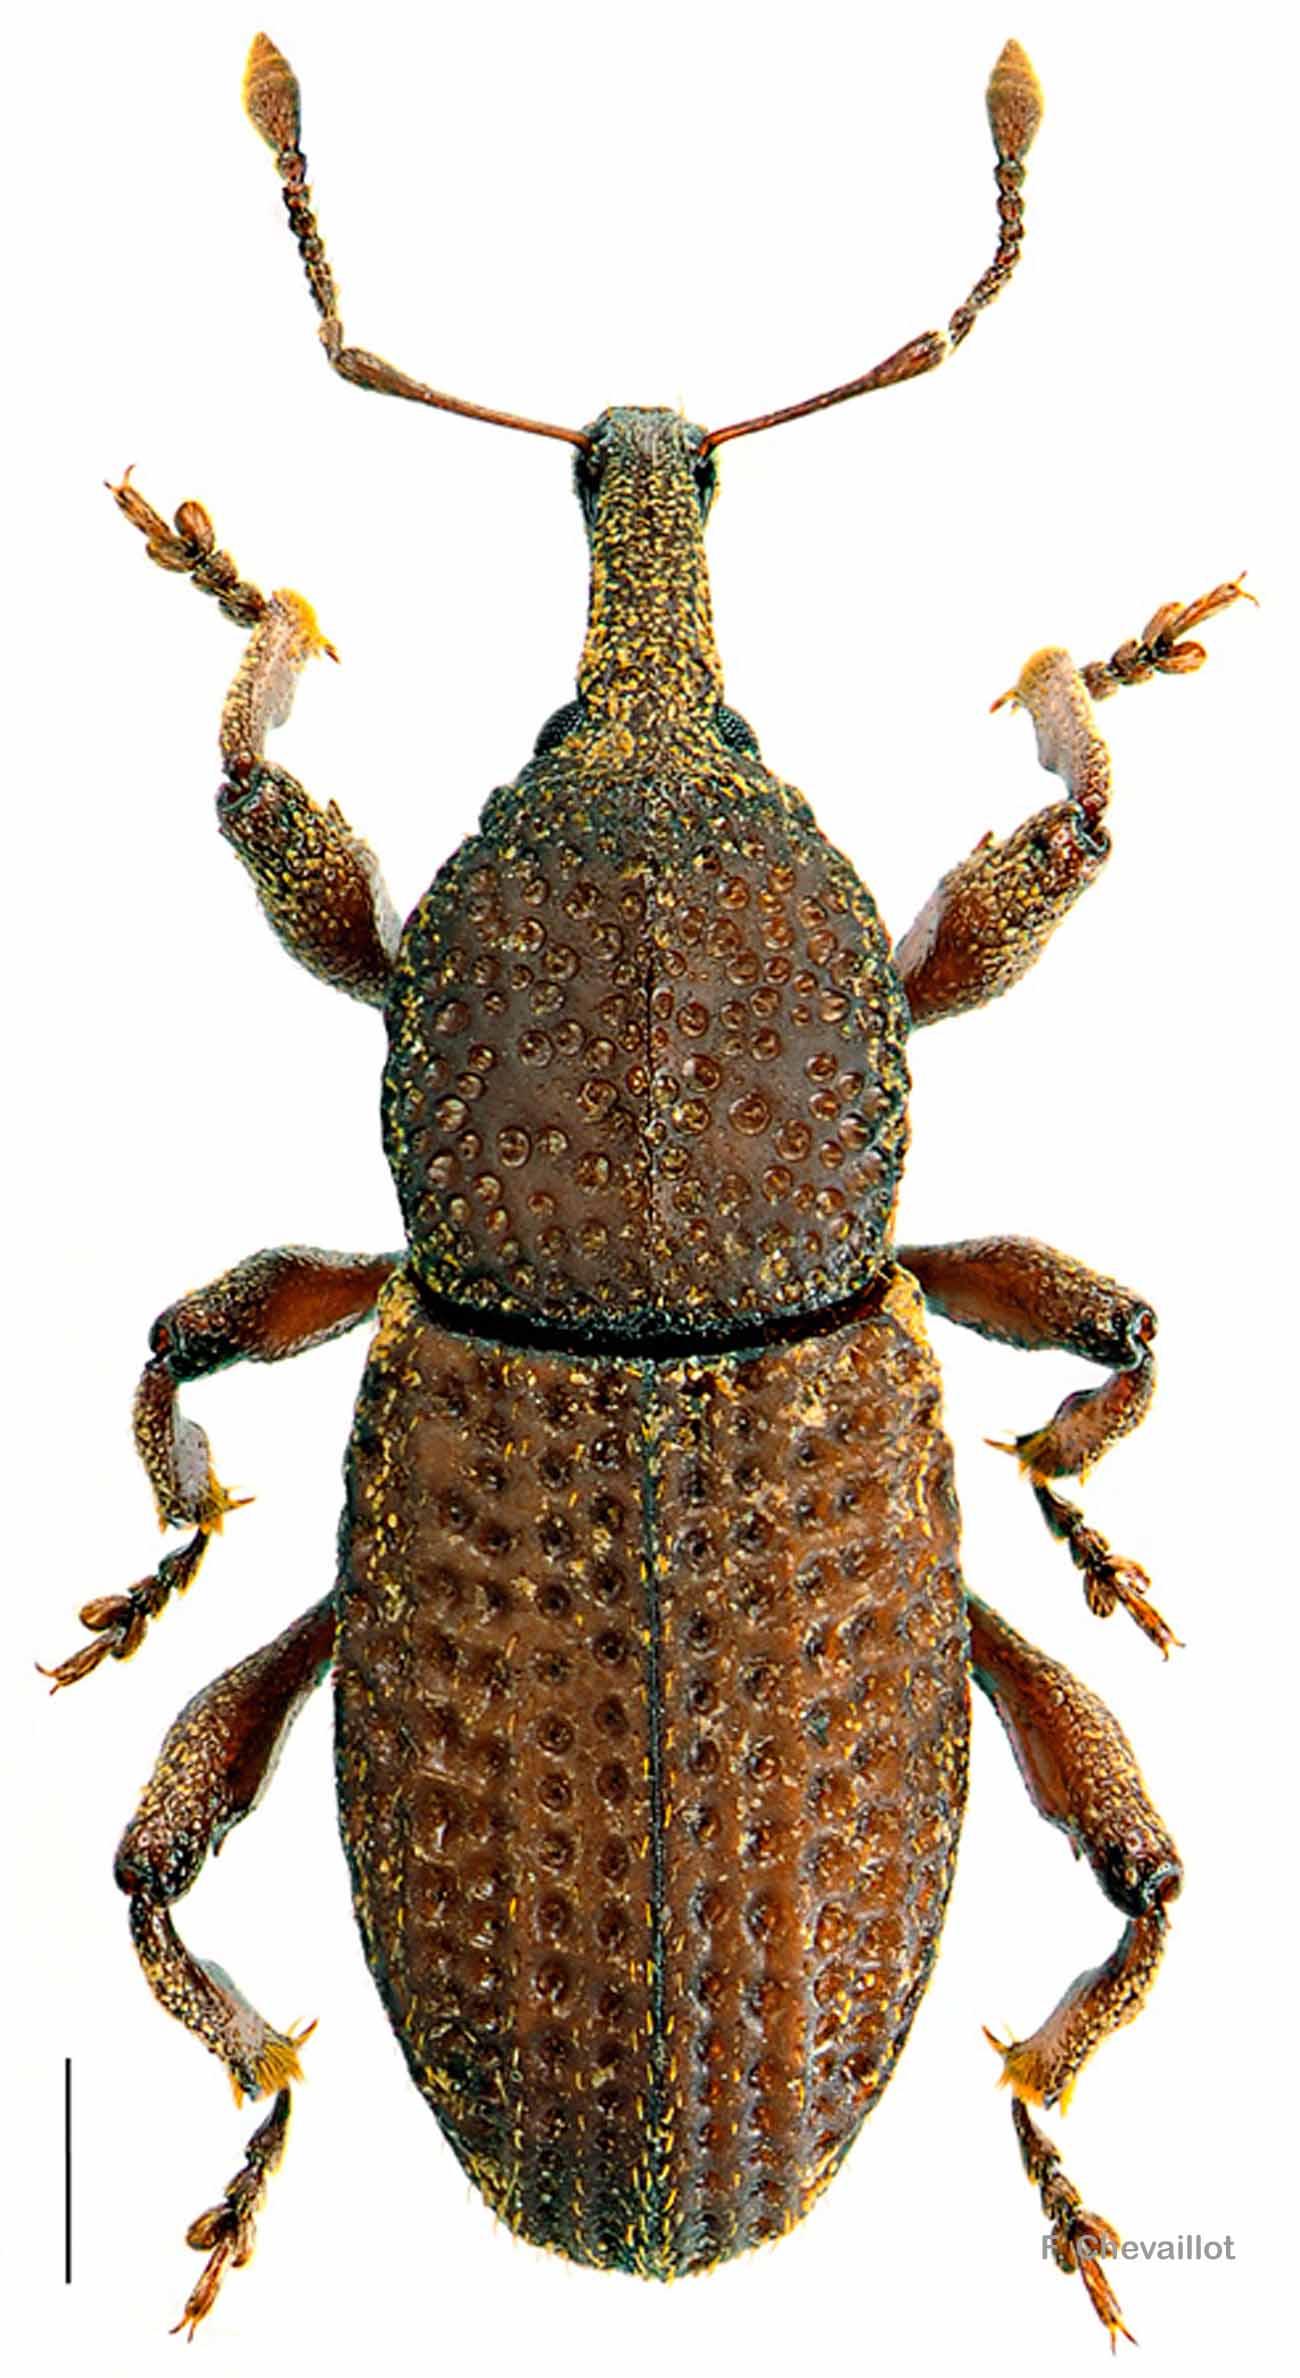 Mitoplinthus caliginosus